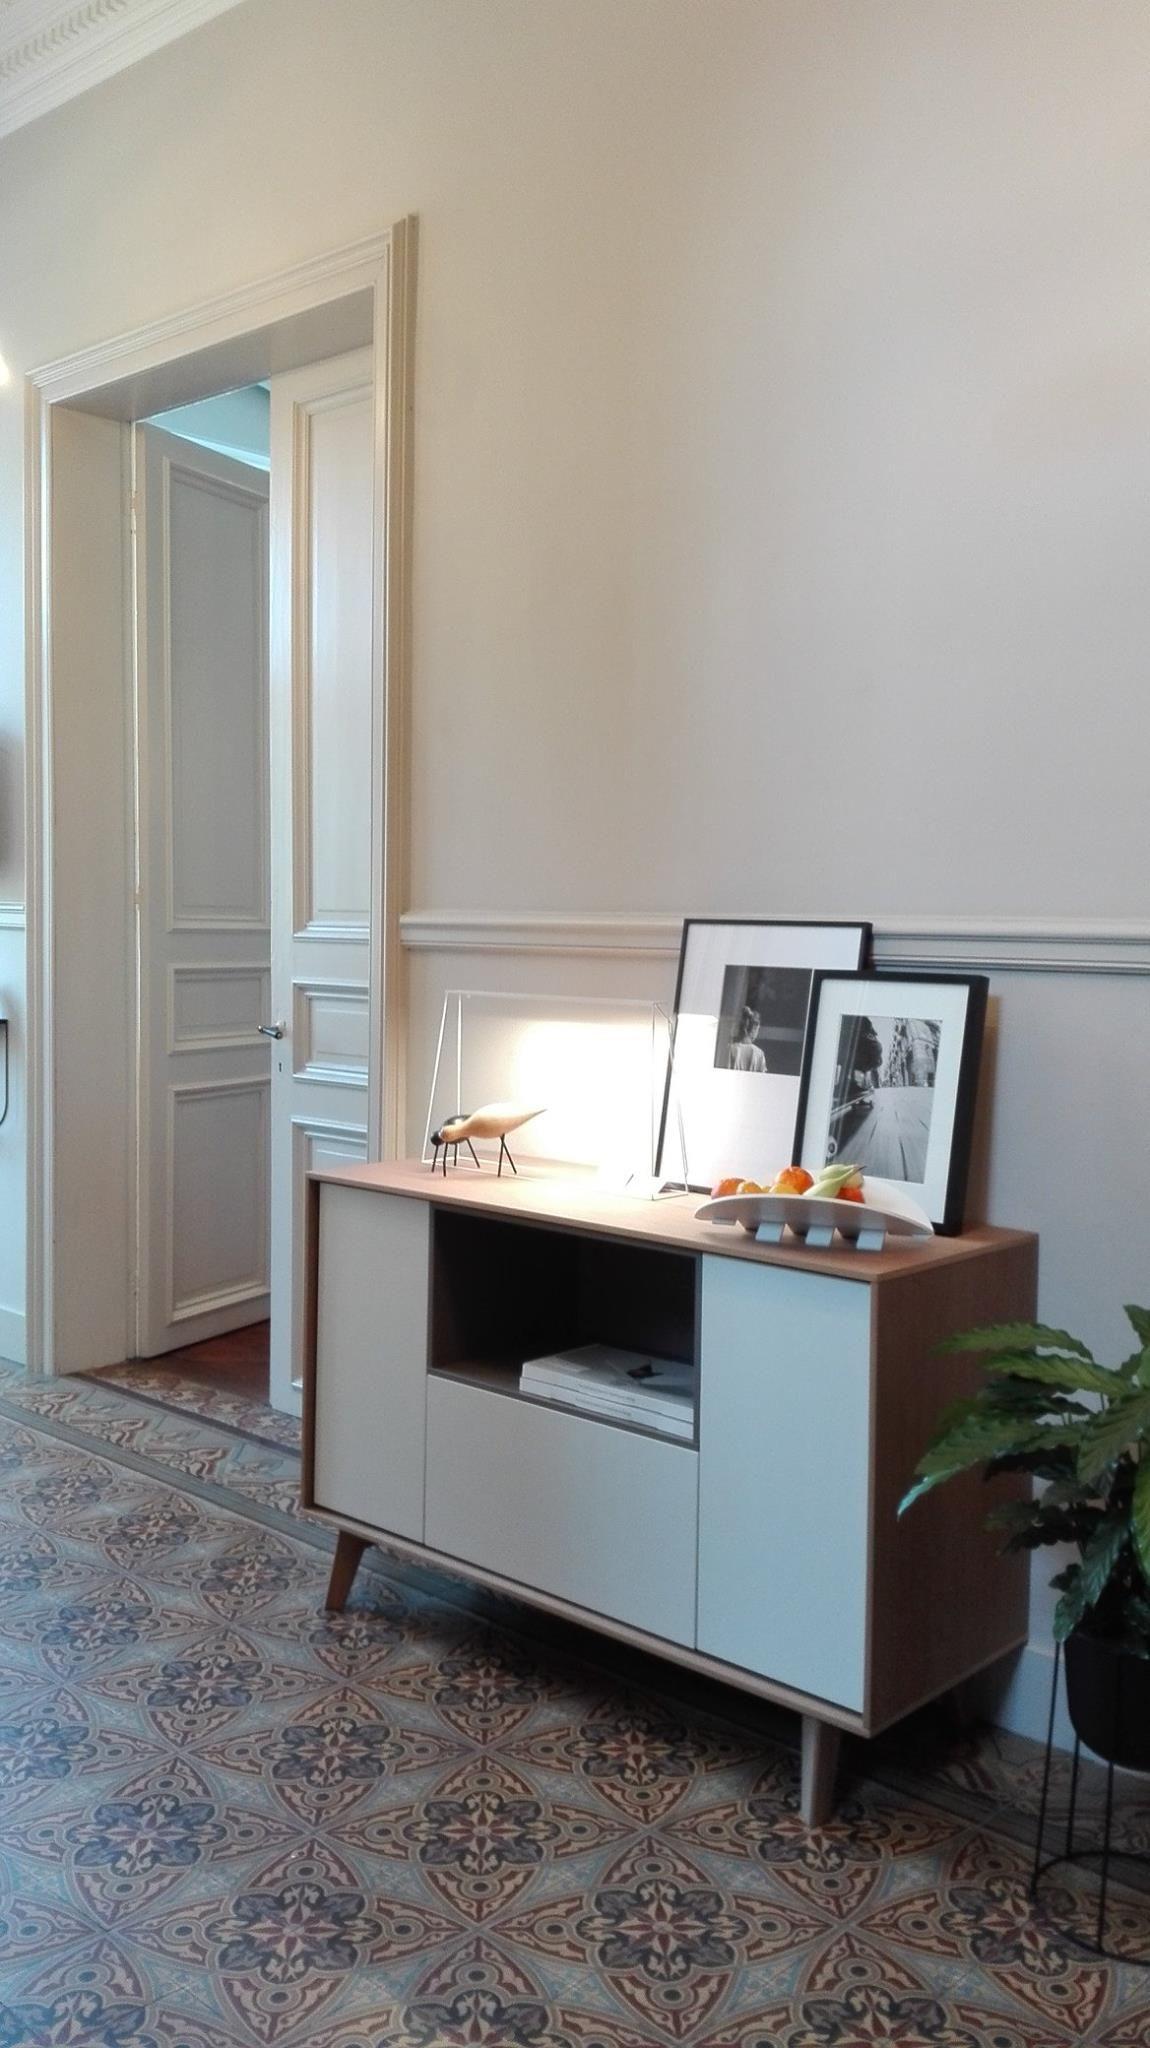 Slik Interior Design Wez Velvain Belgium Decoracion De Interiores Cursos De Decoracion Interiores